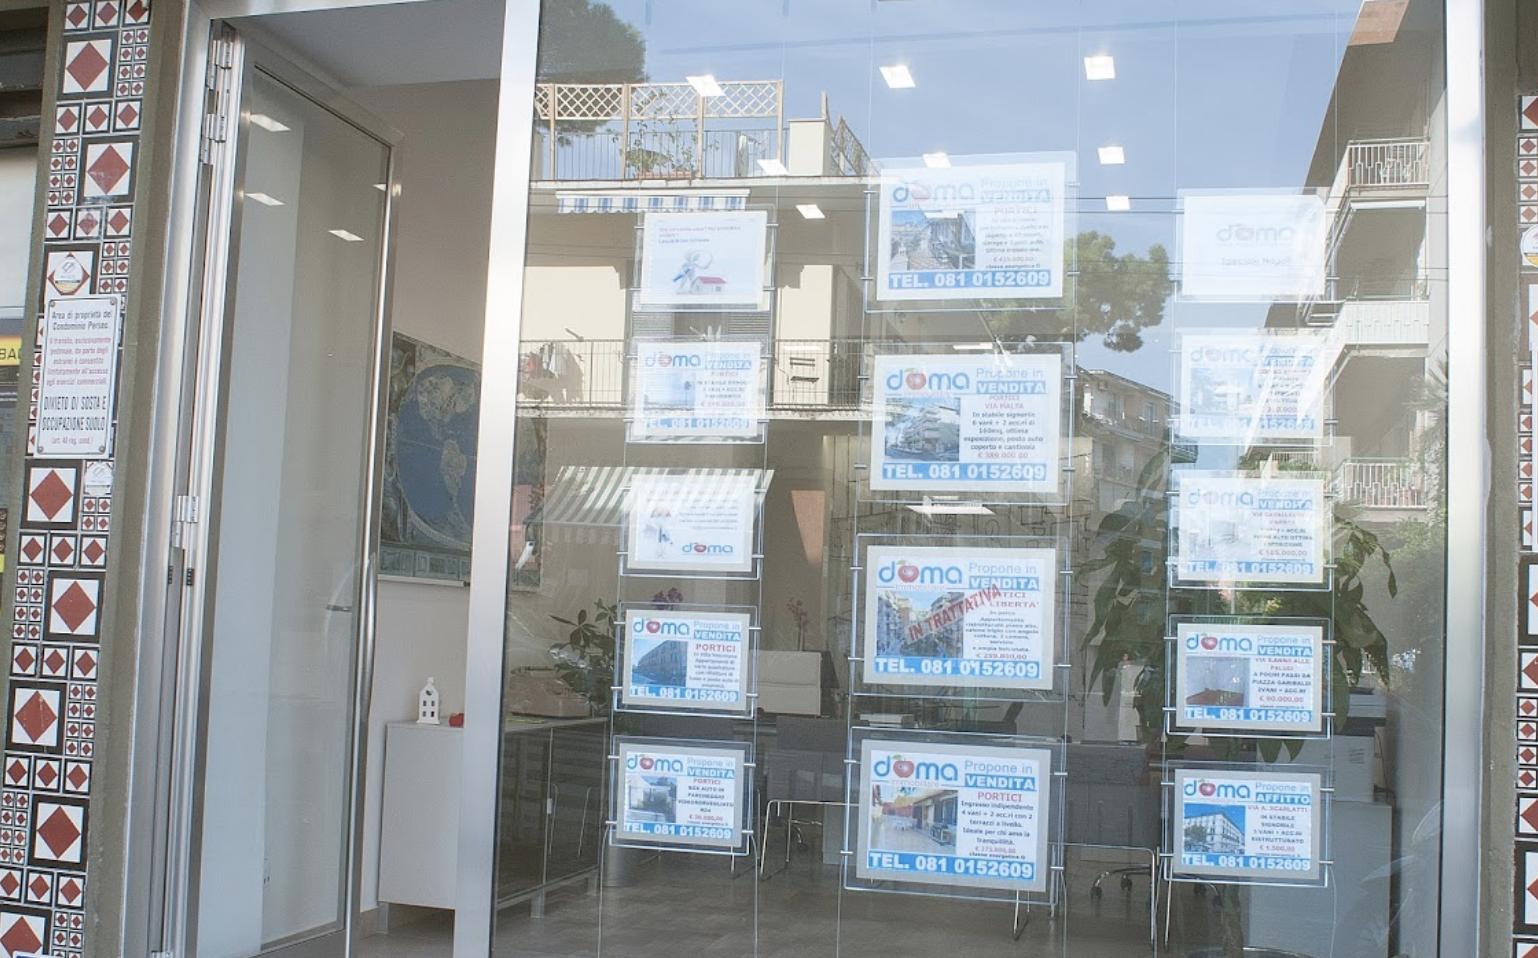 Riapertura delle agenzie immobiliari il 4 maggio: quali saranno le norme di sicurezza da seguire?